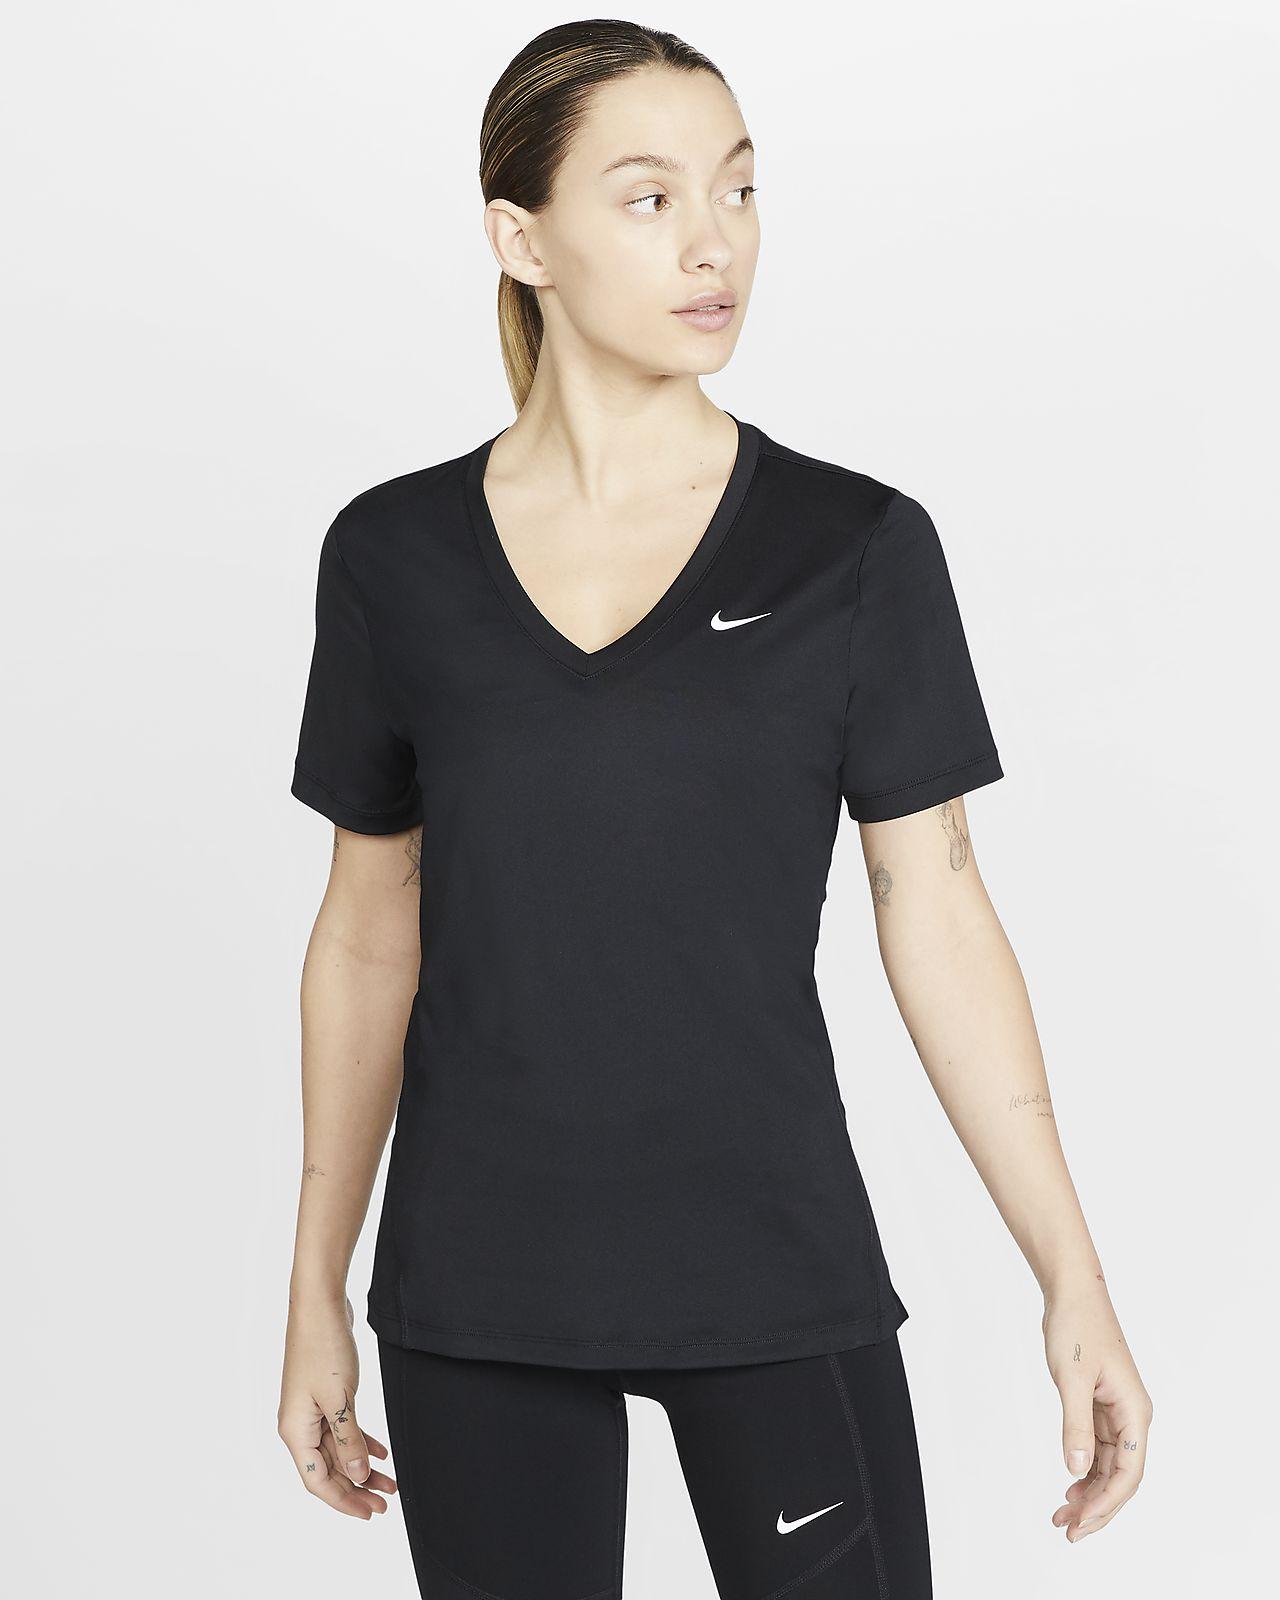 Kortärmad träningströja Nike Victory för kvinnor